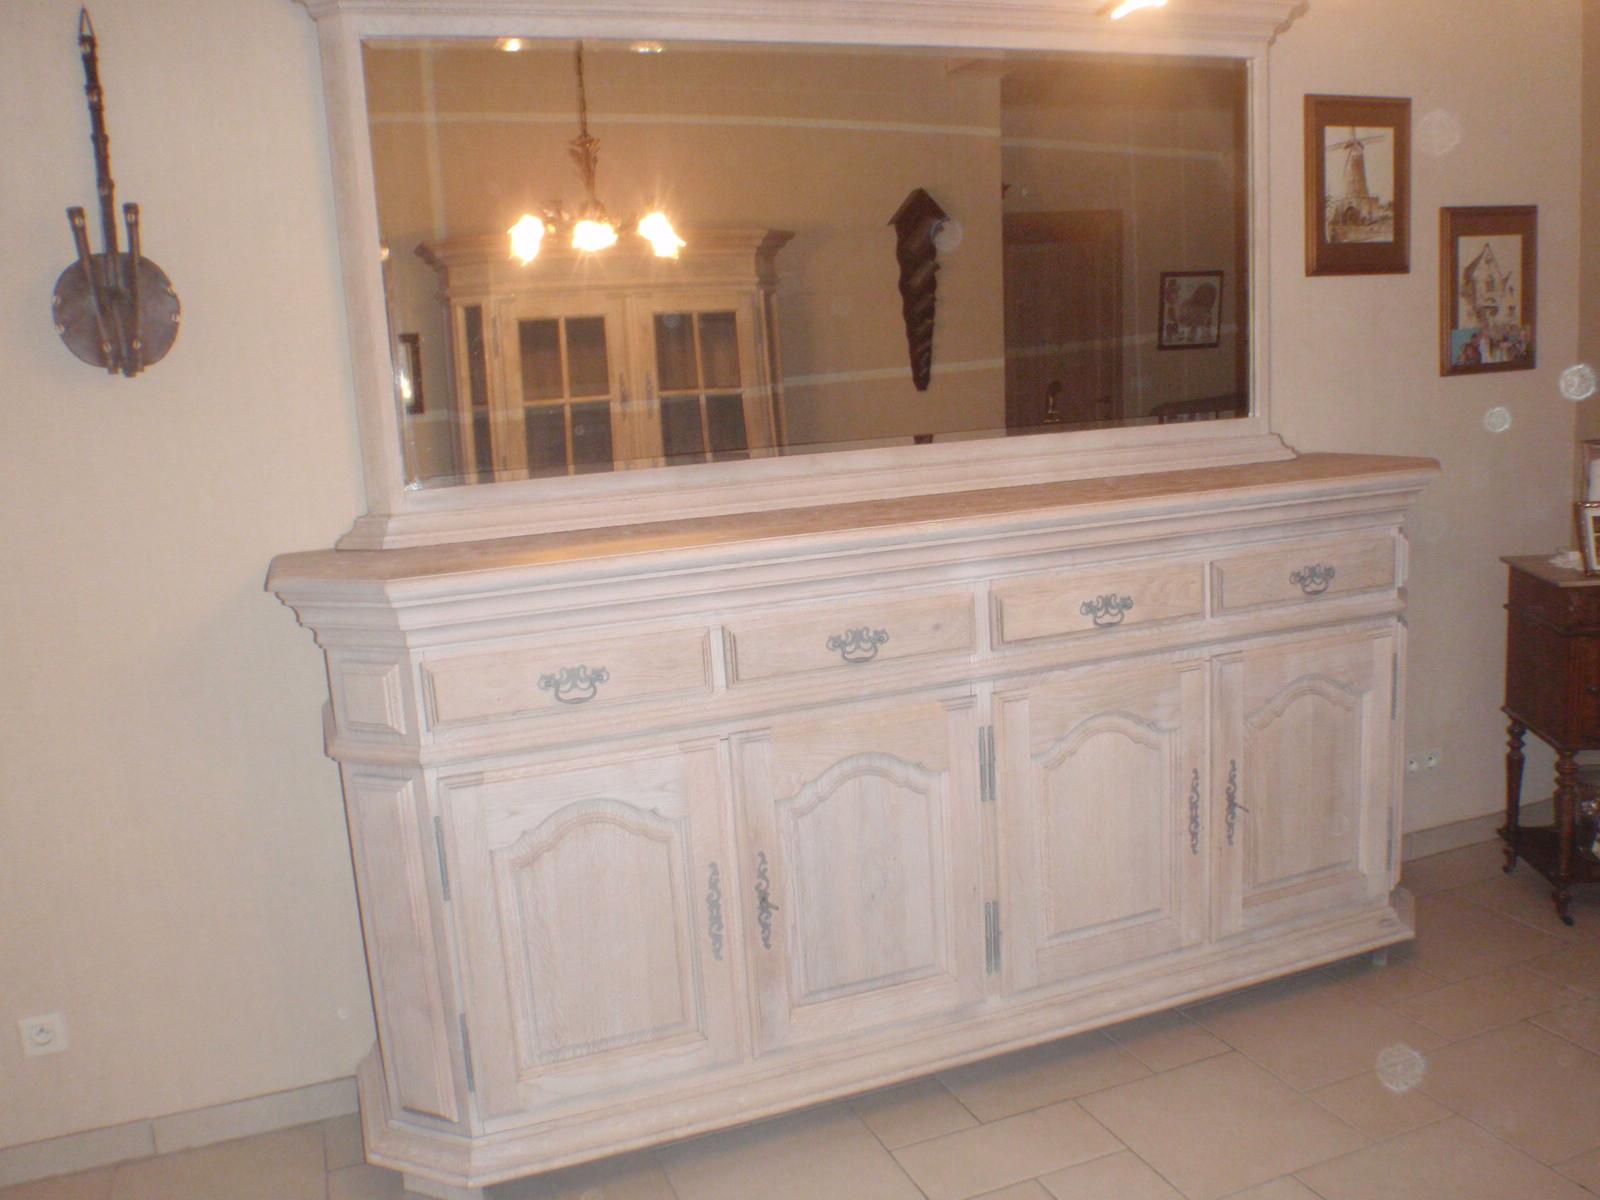 Oud eiken meubels. simple oud eiken meubels with oud eiken meubels